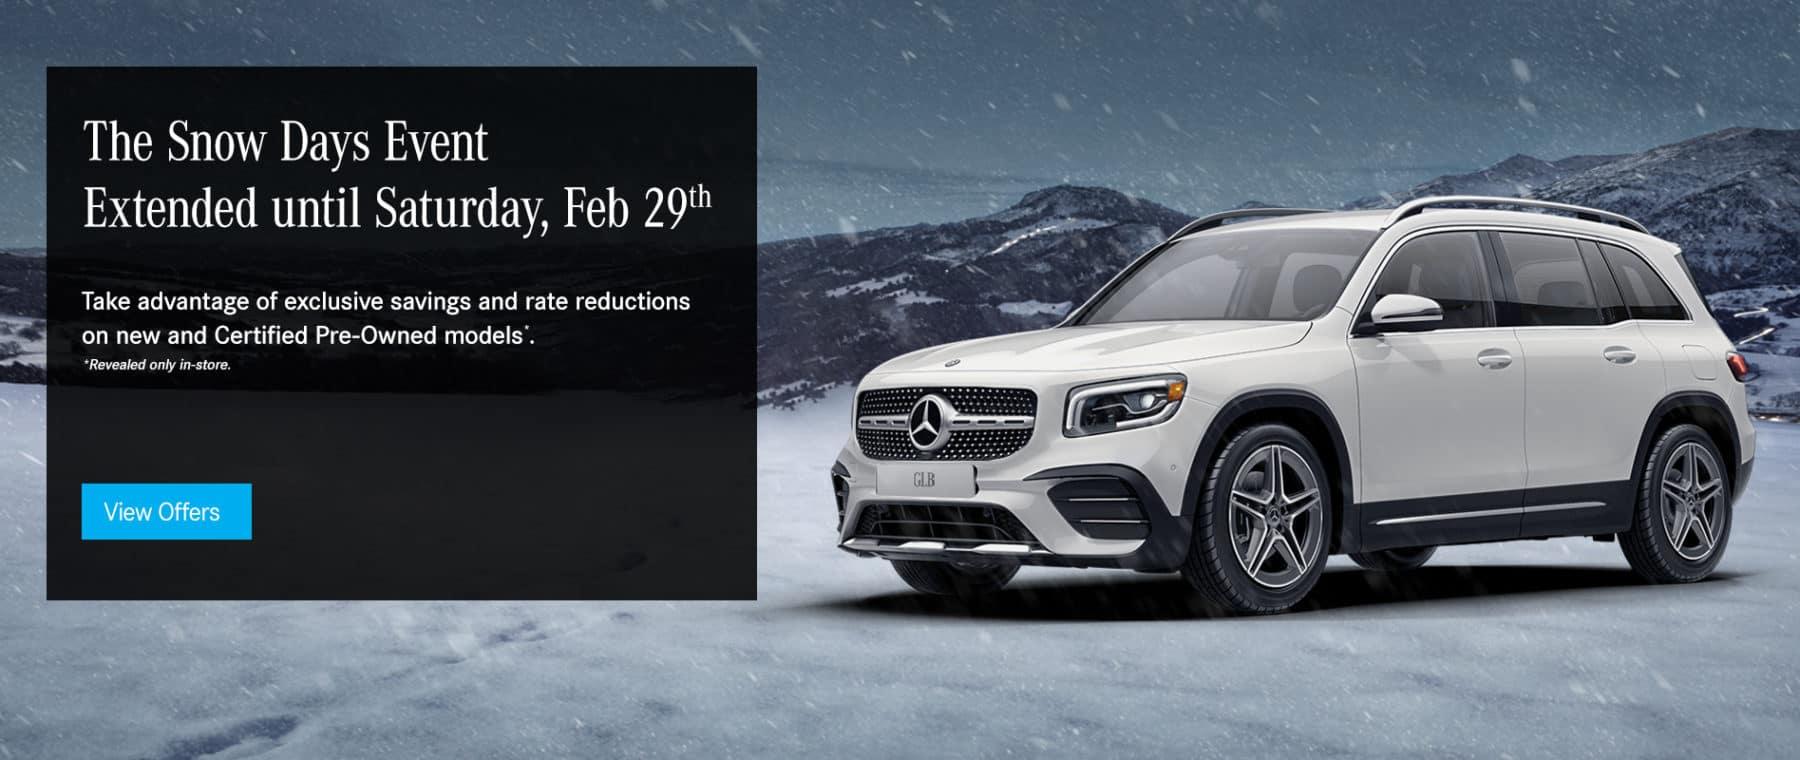 1920x800_HP-SLIDER_02-2020_Snow-Days-extended-1